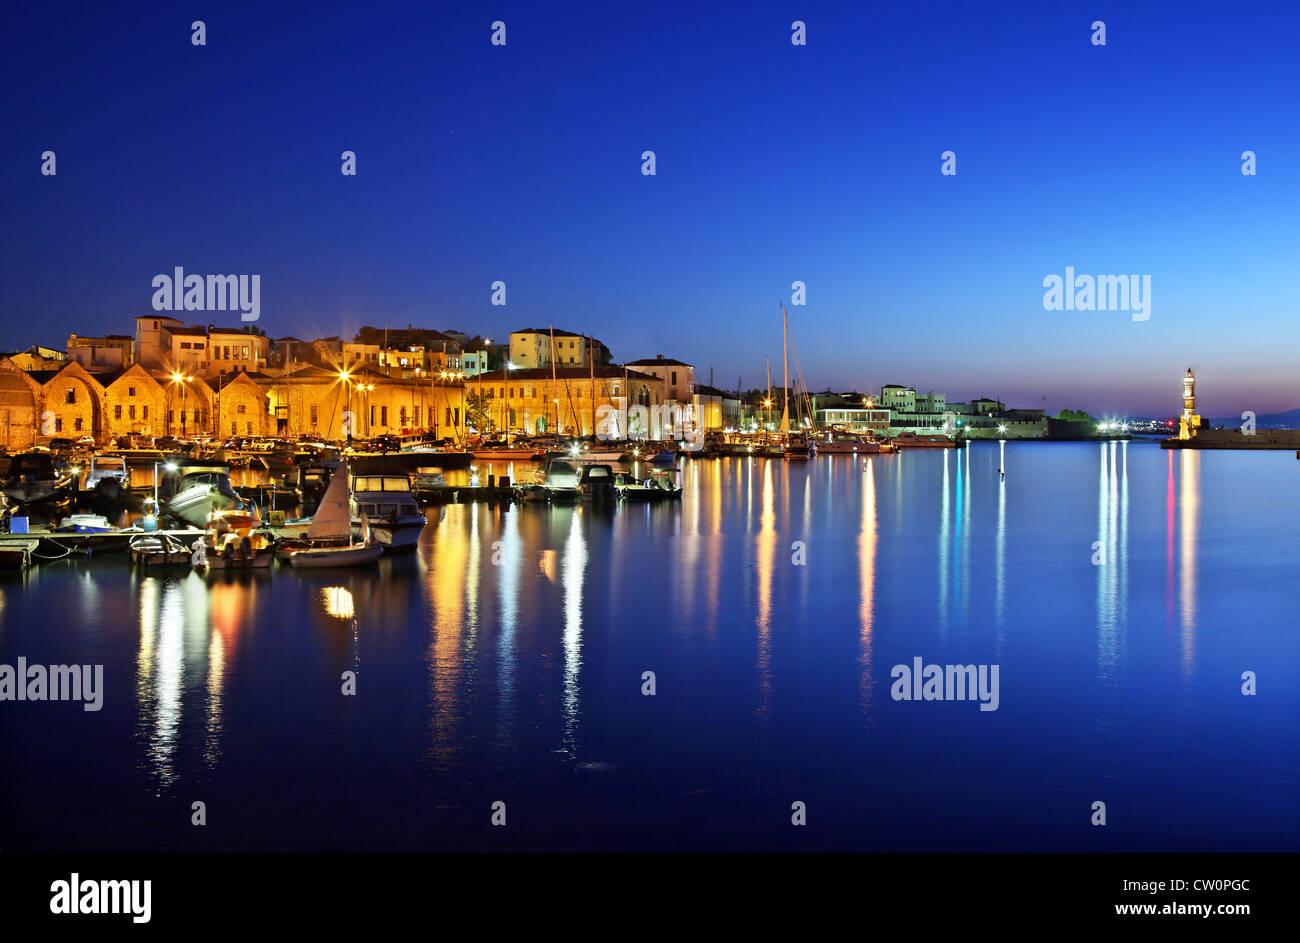 Nachtansicht der Altstadt Hafen von Chania, Kreta, Griechenland. Stockbild